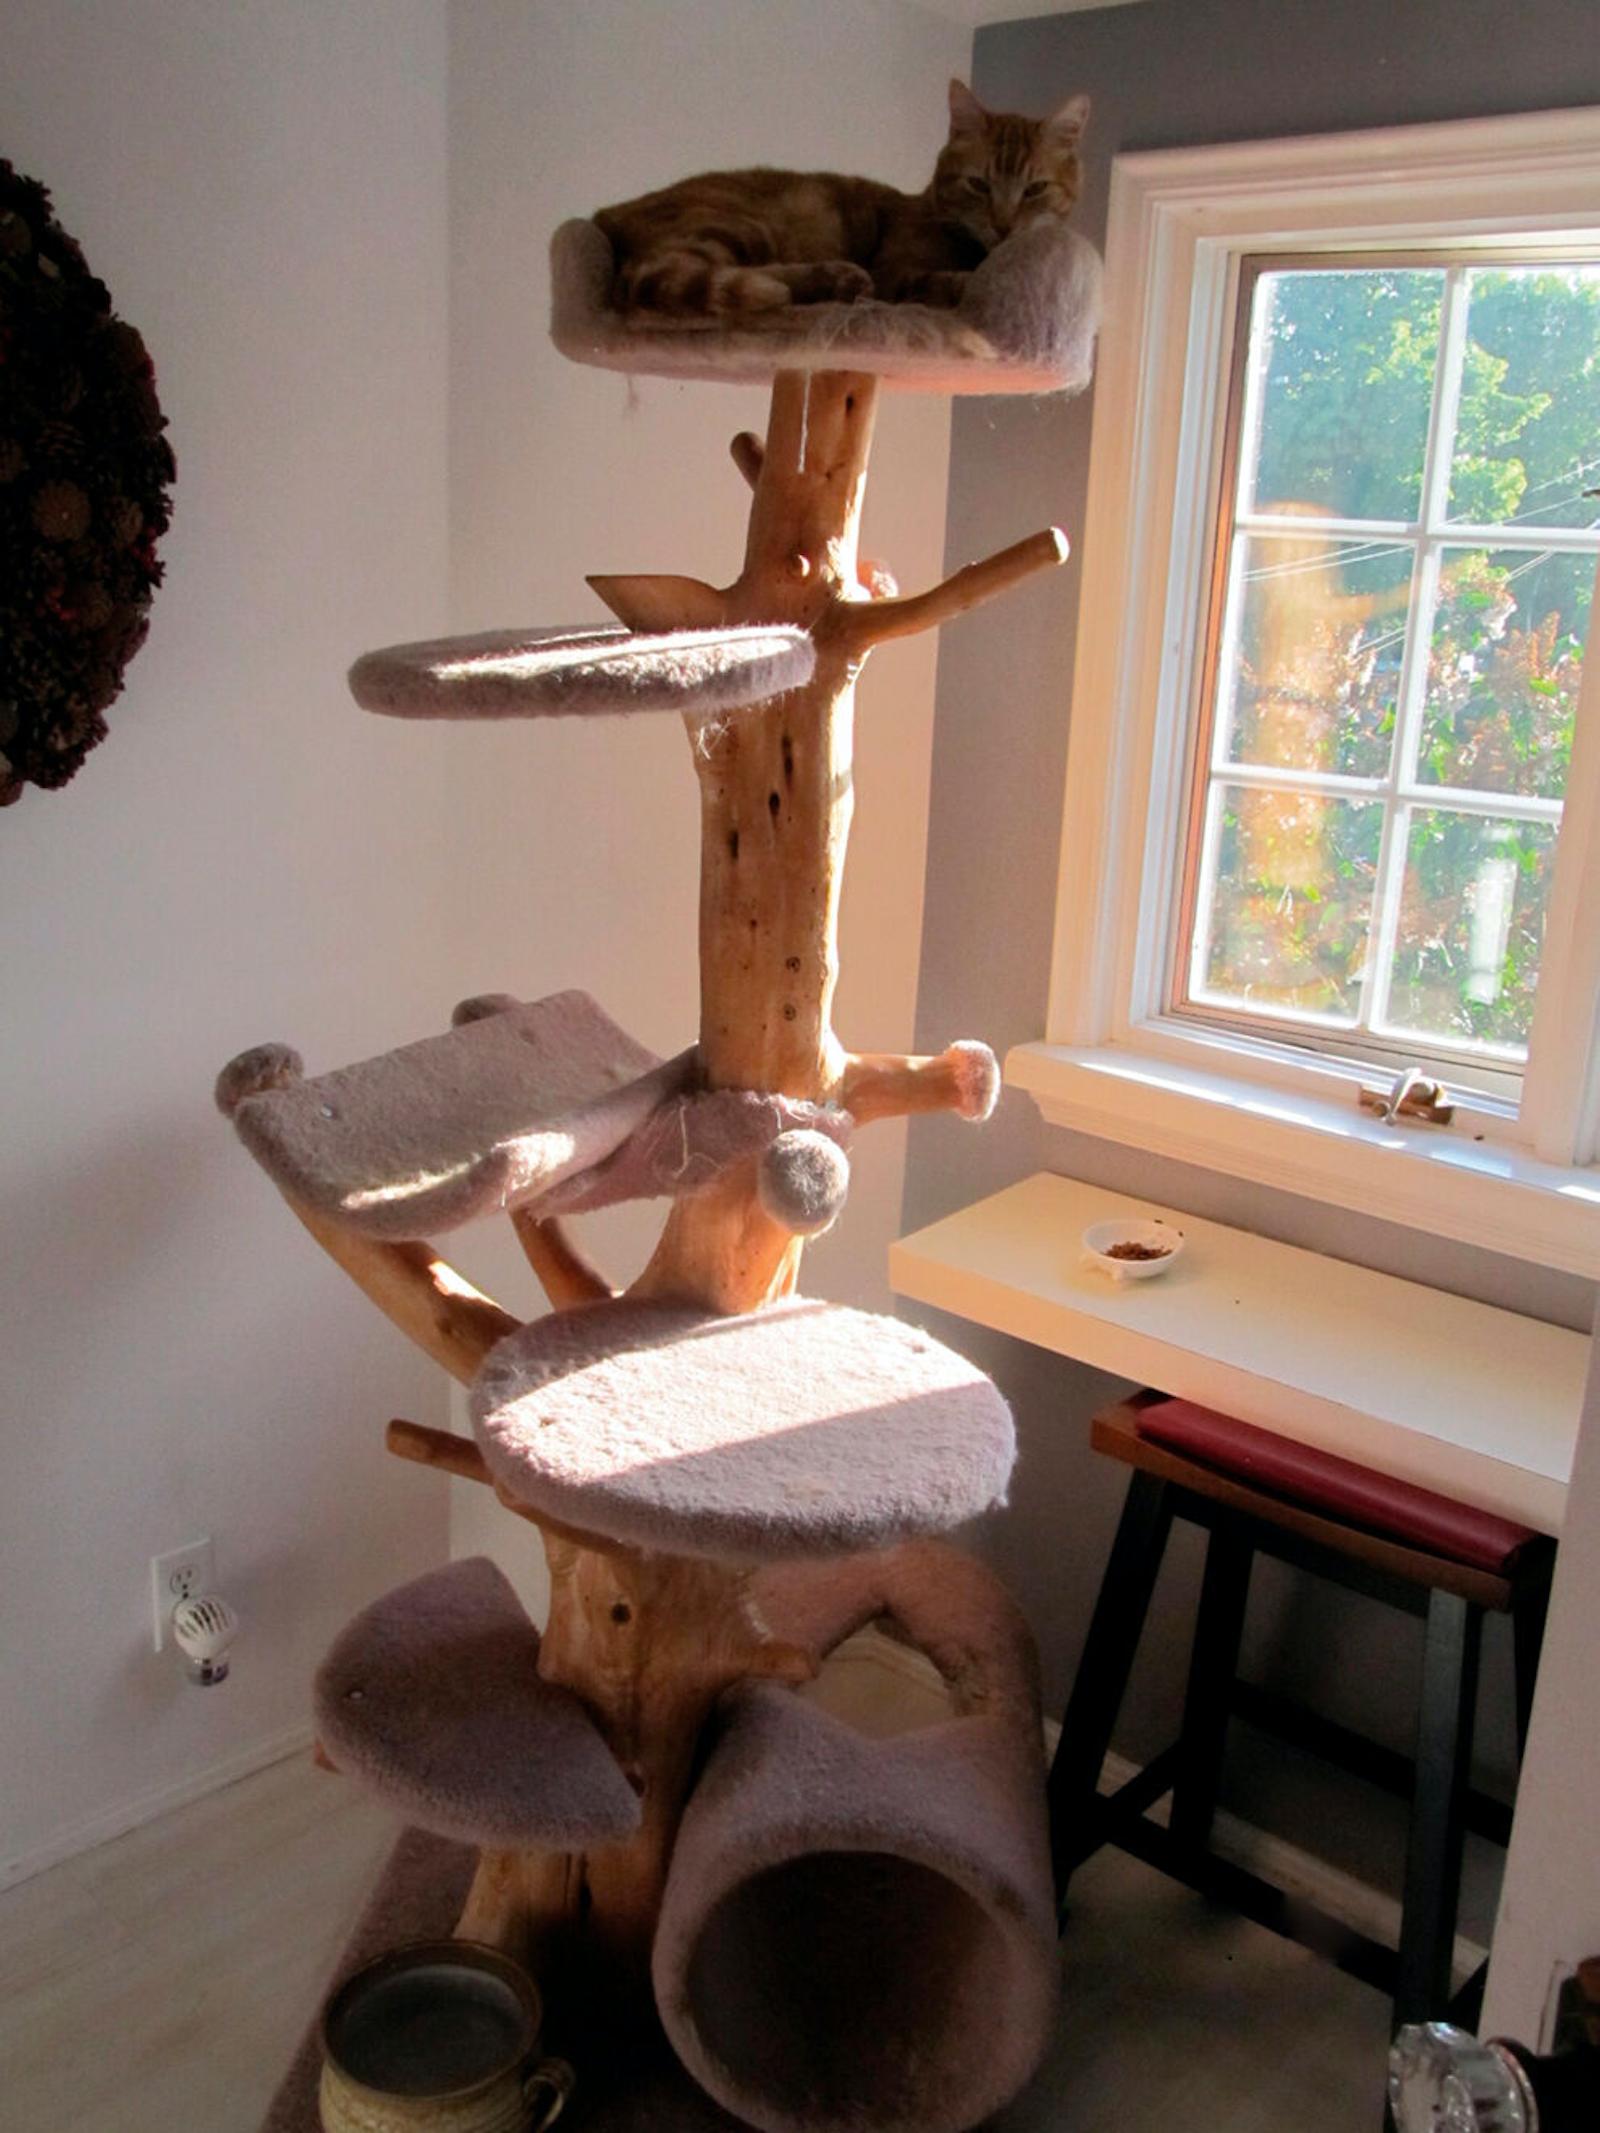 Figura 6. La estimulación visual es importante para el gato. Al menos una de las áreas de descanso (p.ej., una plataforma elevada) debe proporcionar al gato vista al exterior.